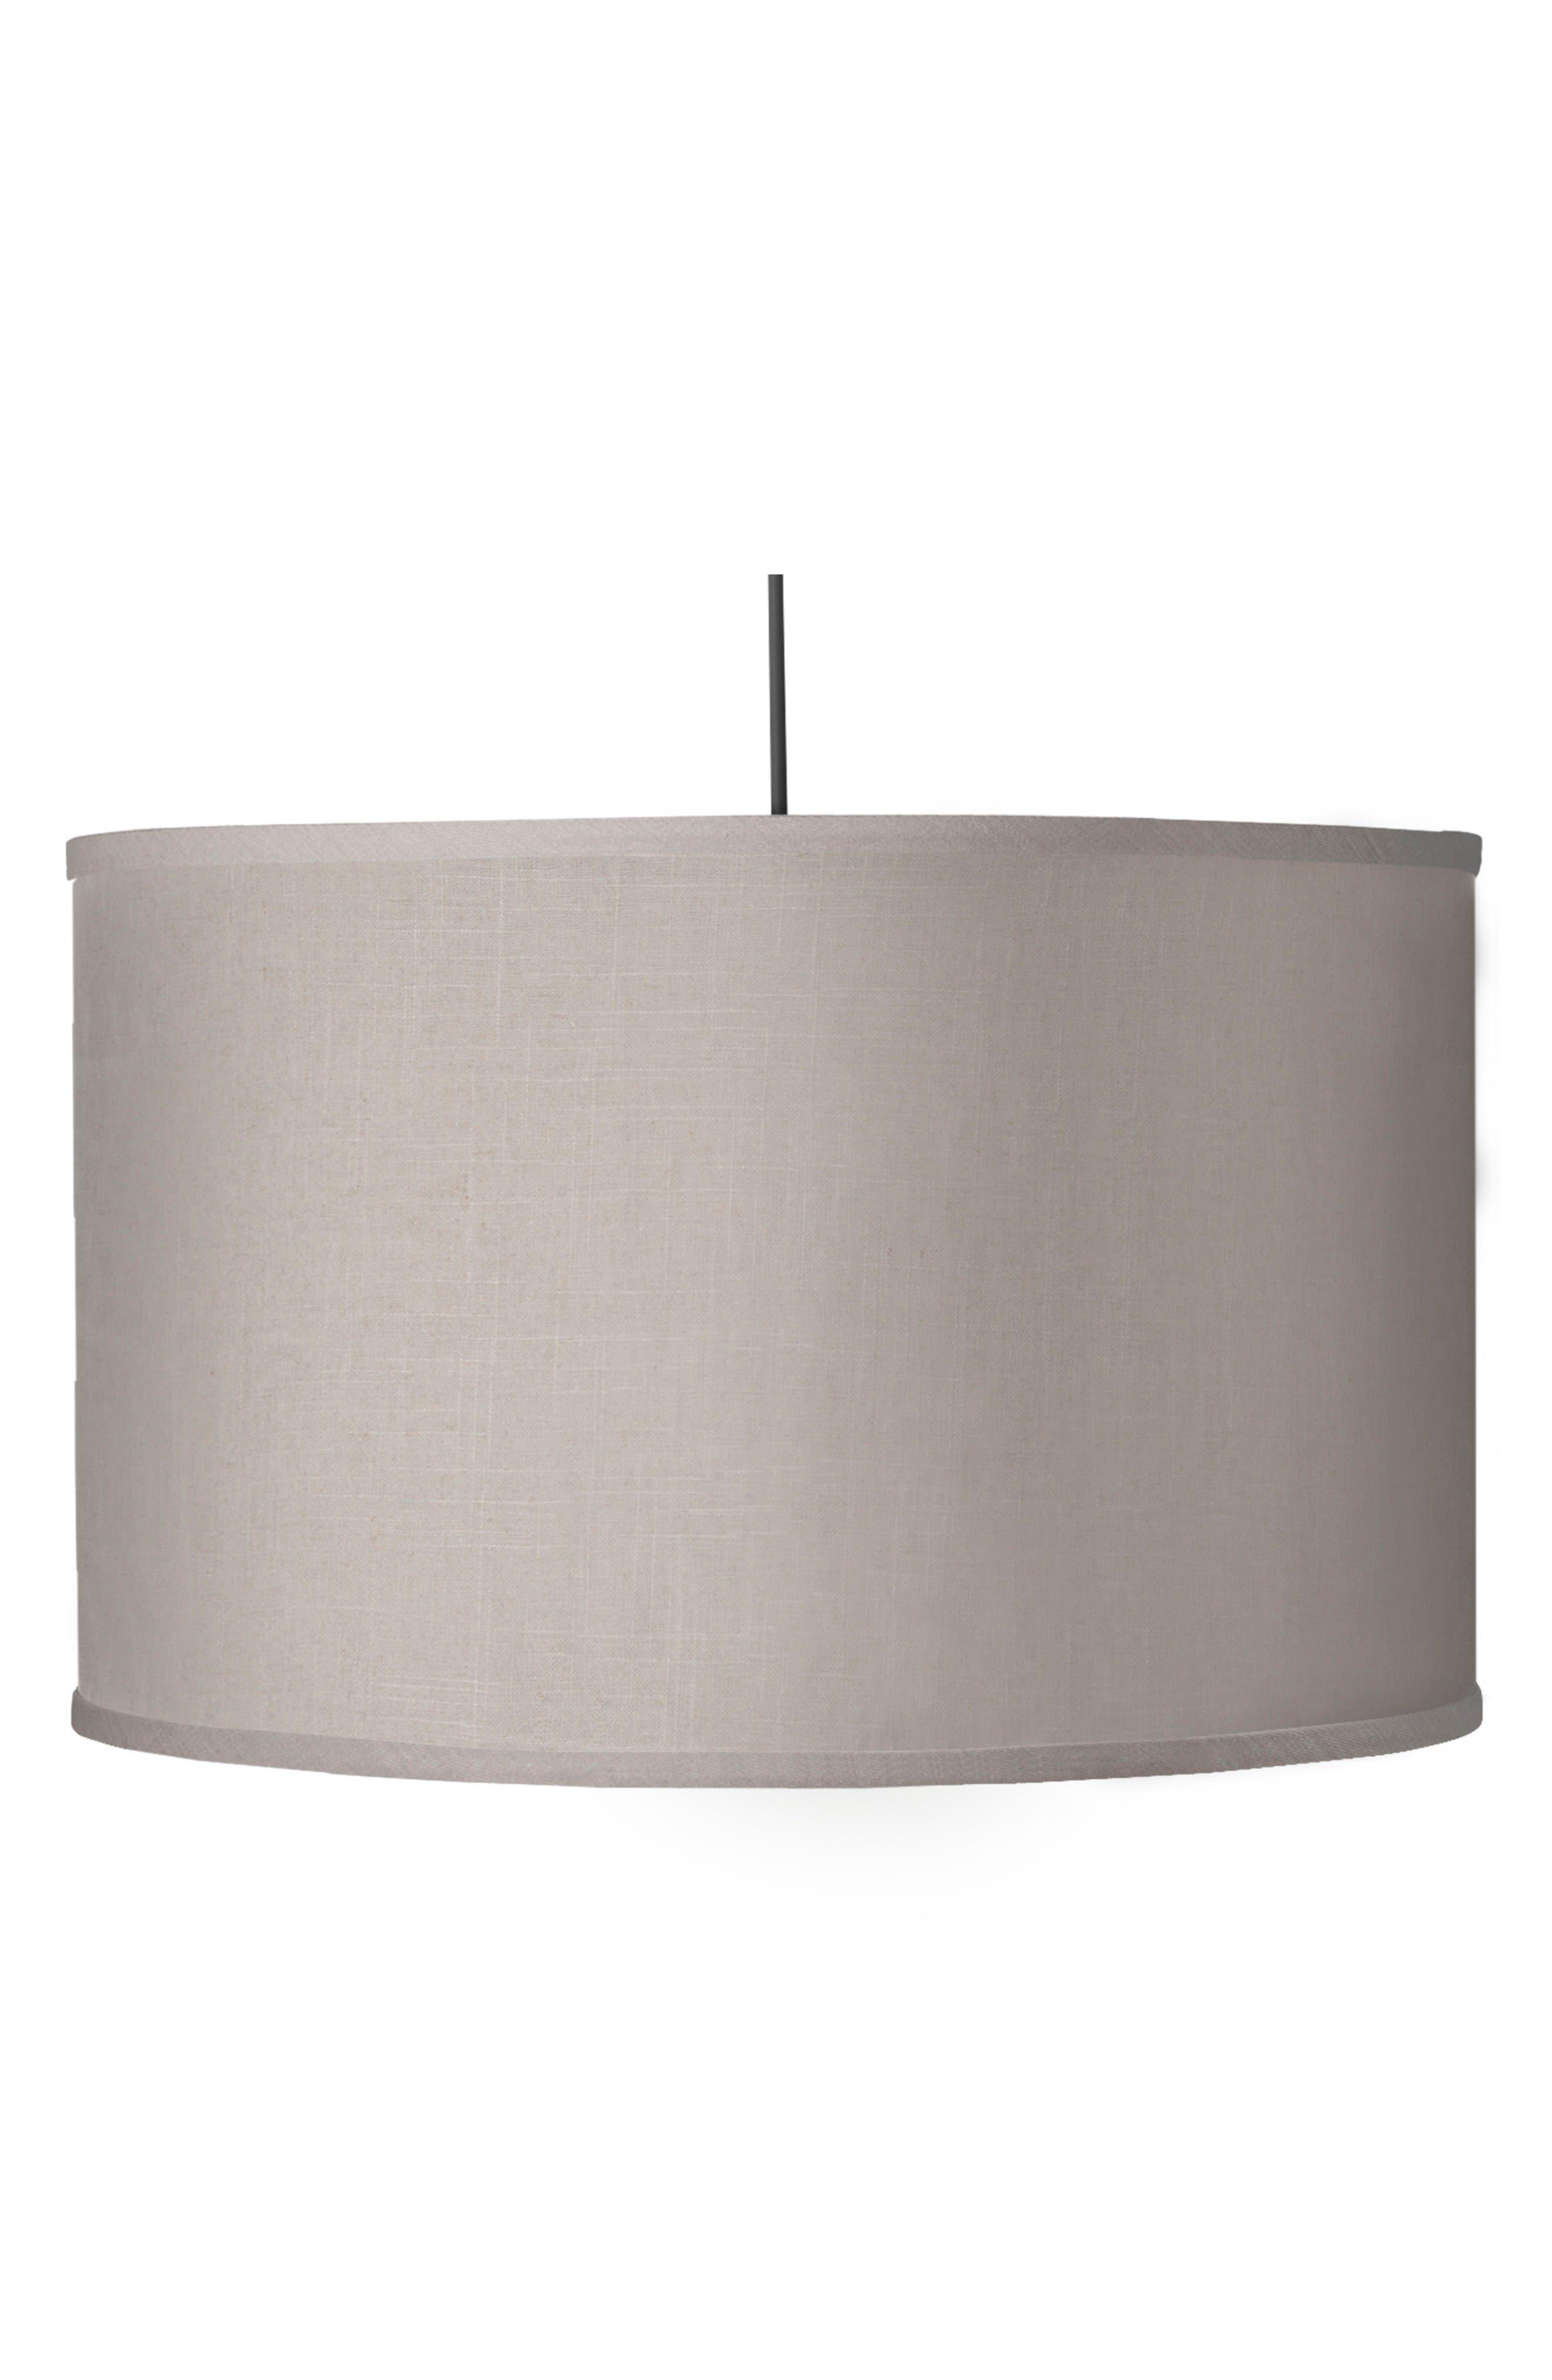 Main Image - Oilo Large Cylinder Light